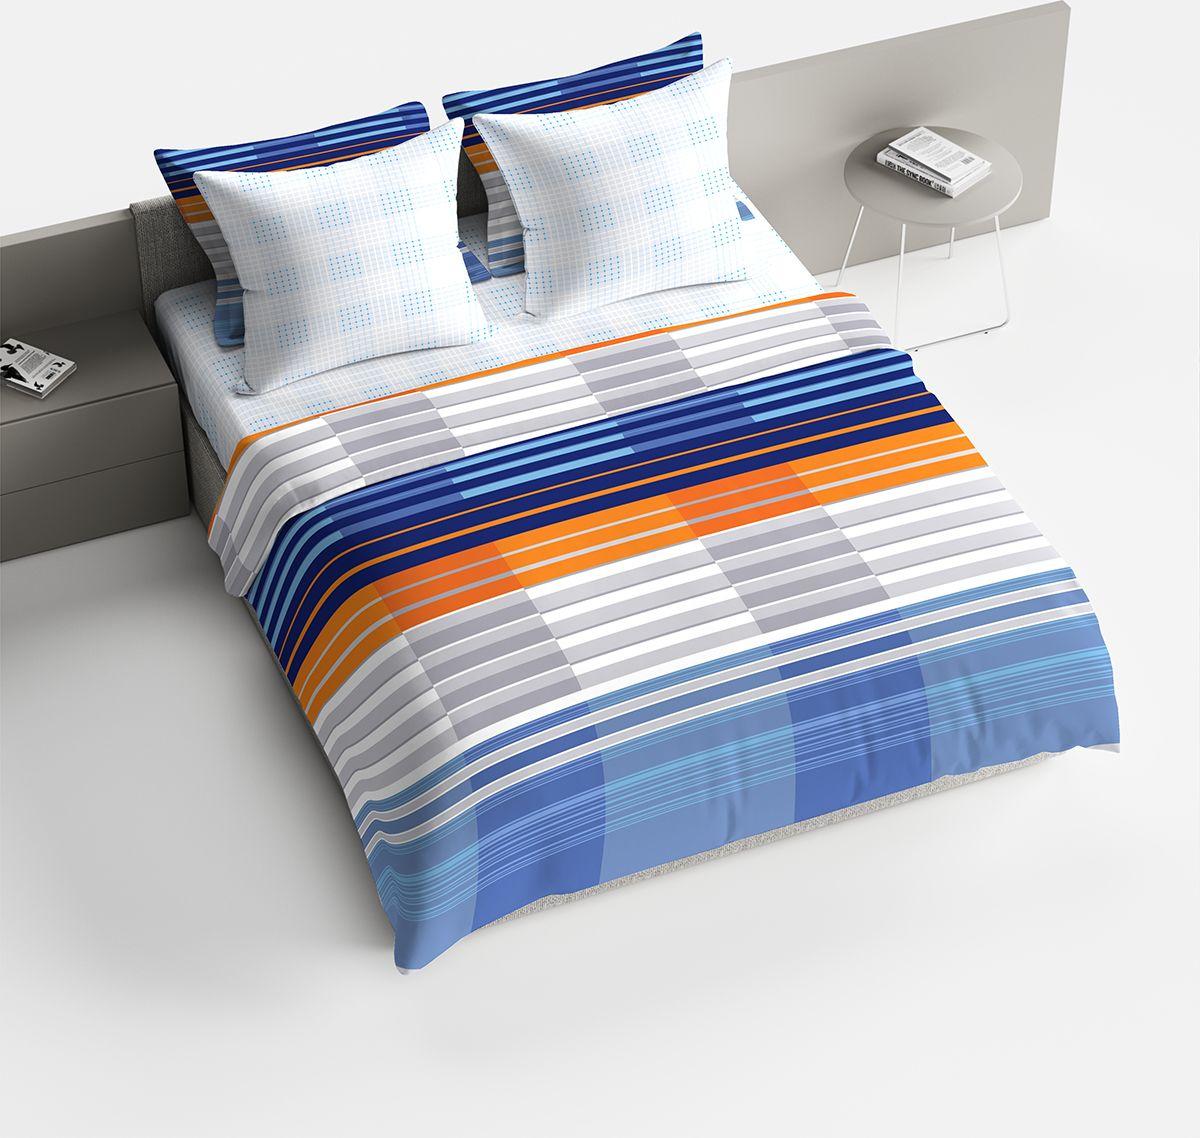 Комплект белья Bravo Марино, 2-спальный, наволочки 70x70, цвет: синий91924Постельное белье Bravo изготавливается из ткани Lux Cotton (высококачественный импортный поплин), сотканной из длинноволокнистого египетского хлопка, создано специально для людей с оригинальным вкусом, предпочитающим современные решения в интерьере. В процессе производства применяются только стойкие и экологически чистые красители, поэтому это белье можно использовать и для детей. Обновленная стильная упаковка делает этот комплект отличным подарком.- Равноплотная ткань из 100% хлопка;- Обработана по технологии мерсеризации и санфоризации;- Мягкая и нежная на ощупь;- Устойчива к трению;- Обладает высокими показателями гигроскопичности (впитывает влагу); Выдерживает частые стирки, сохраняя первоначальные цвет, форму и размеры.